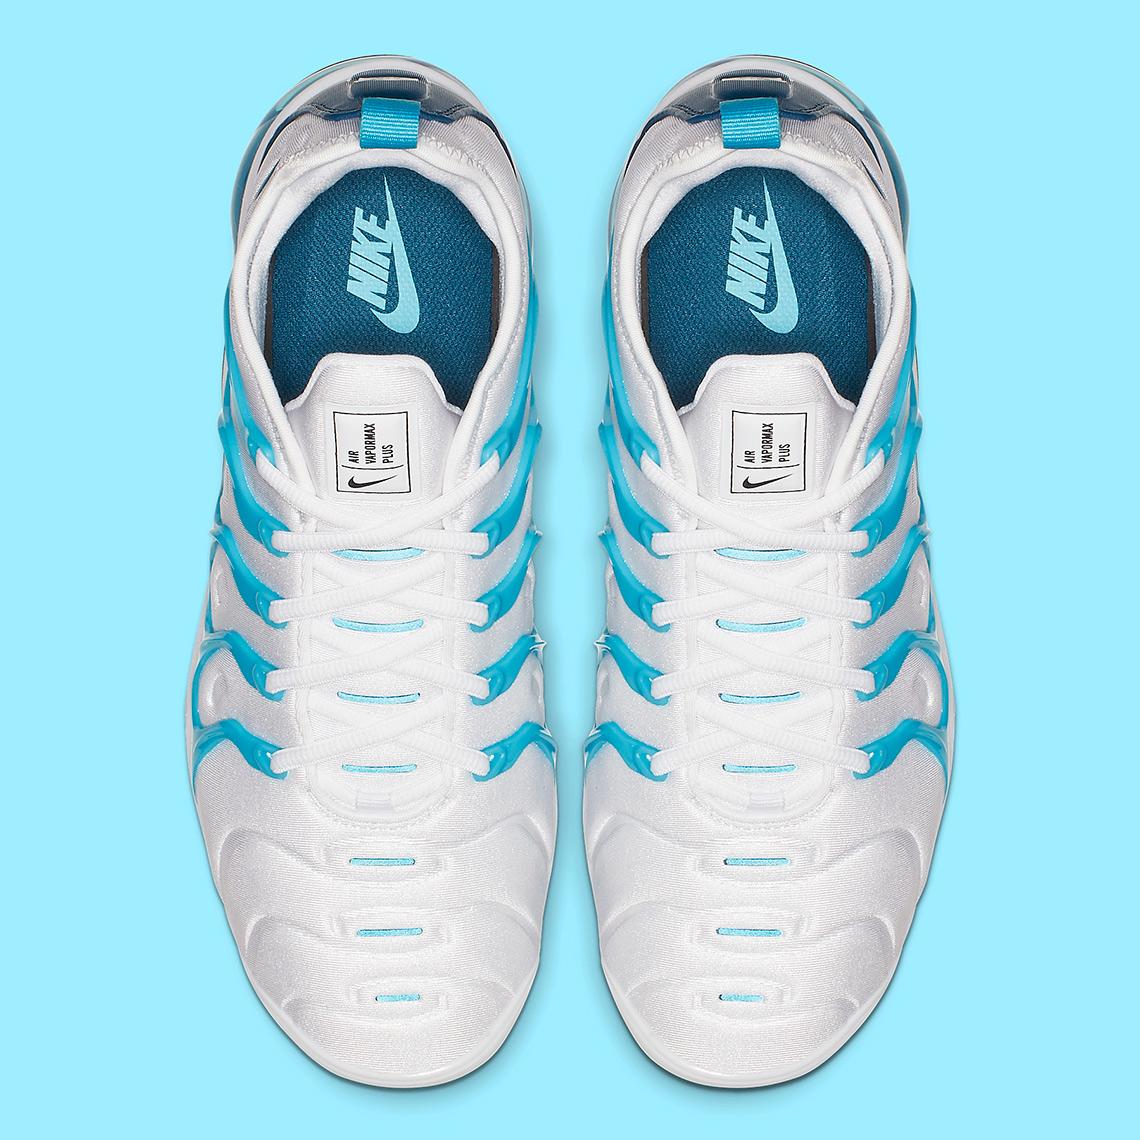 Nike Vapormax Plus 924453-104 Blue